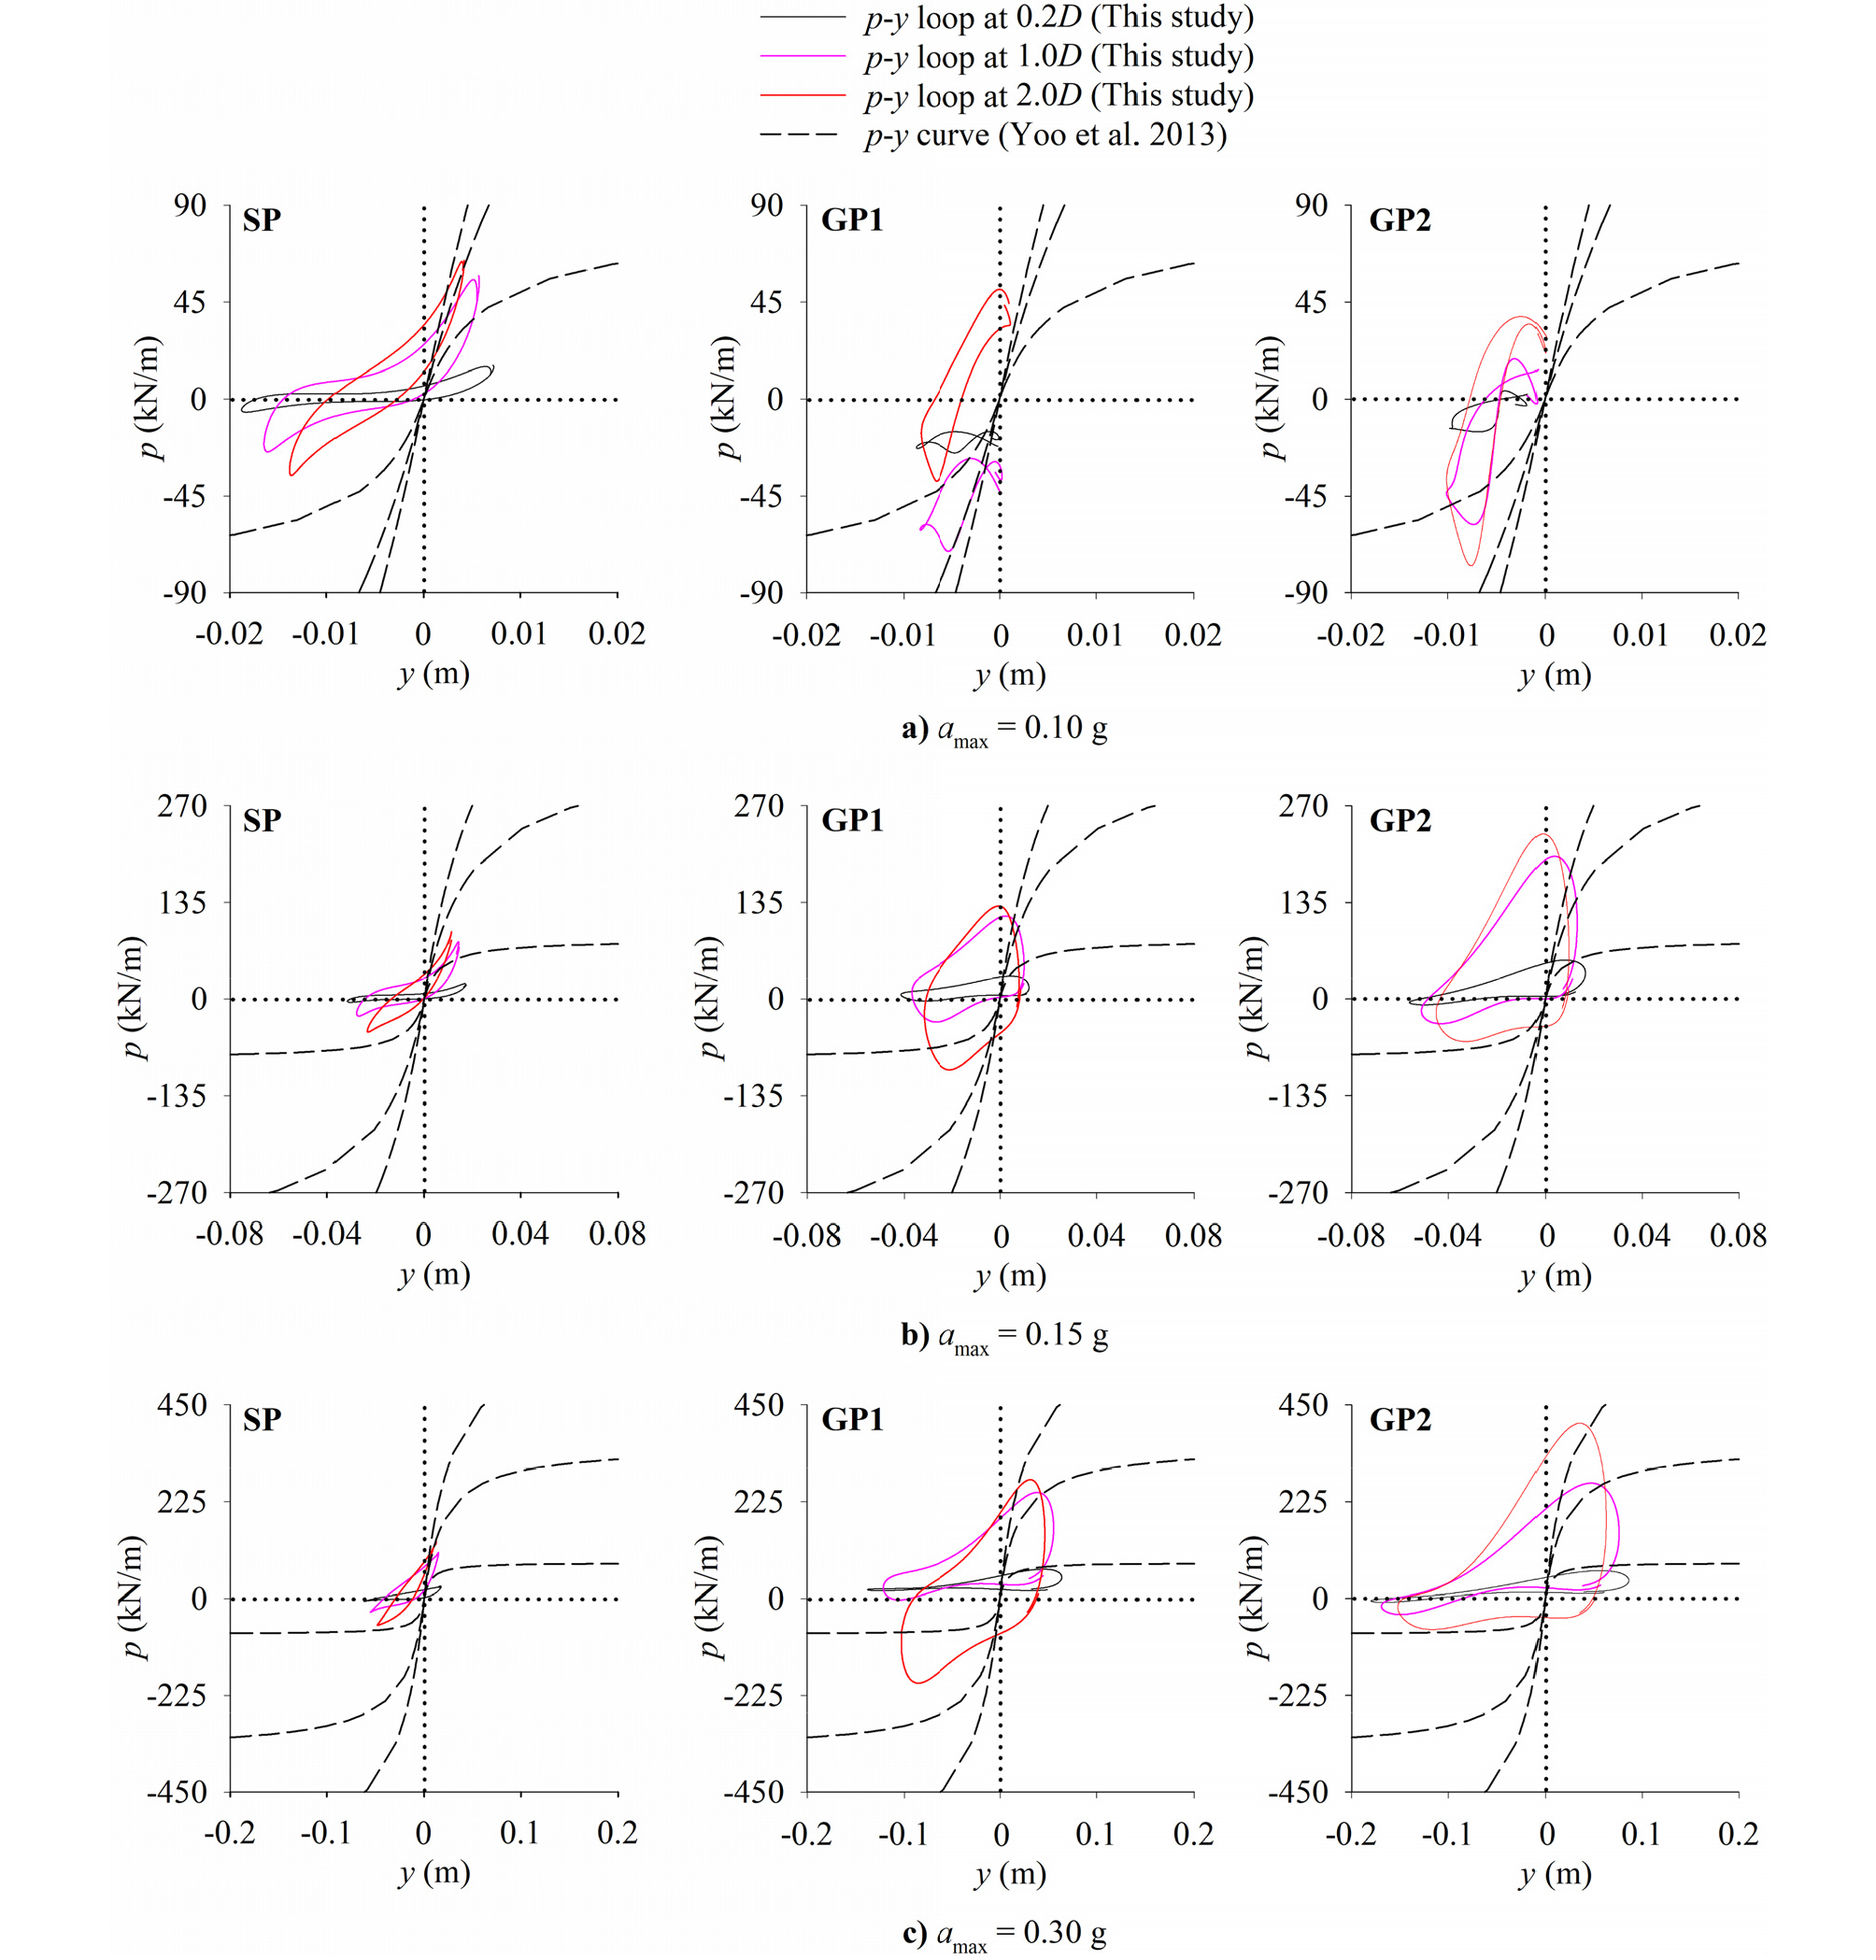 http://static.apub.kr/journalsite/sites/kgs/2020-036-01/N0990360101/images/kgs_36_01_01_F10.jpg